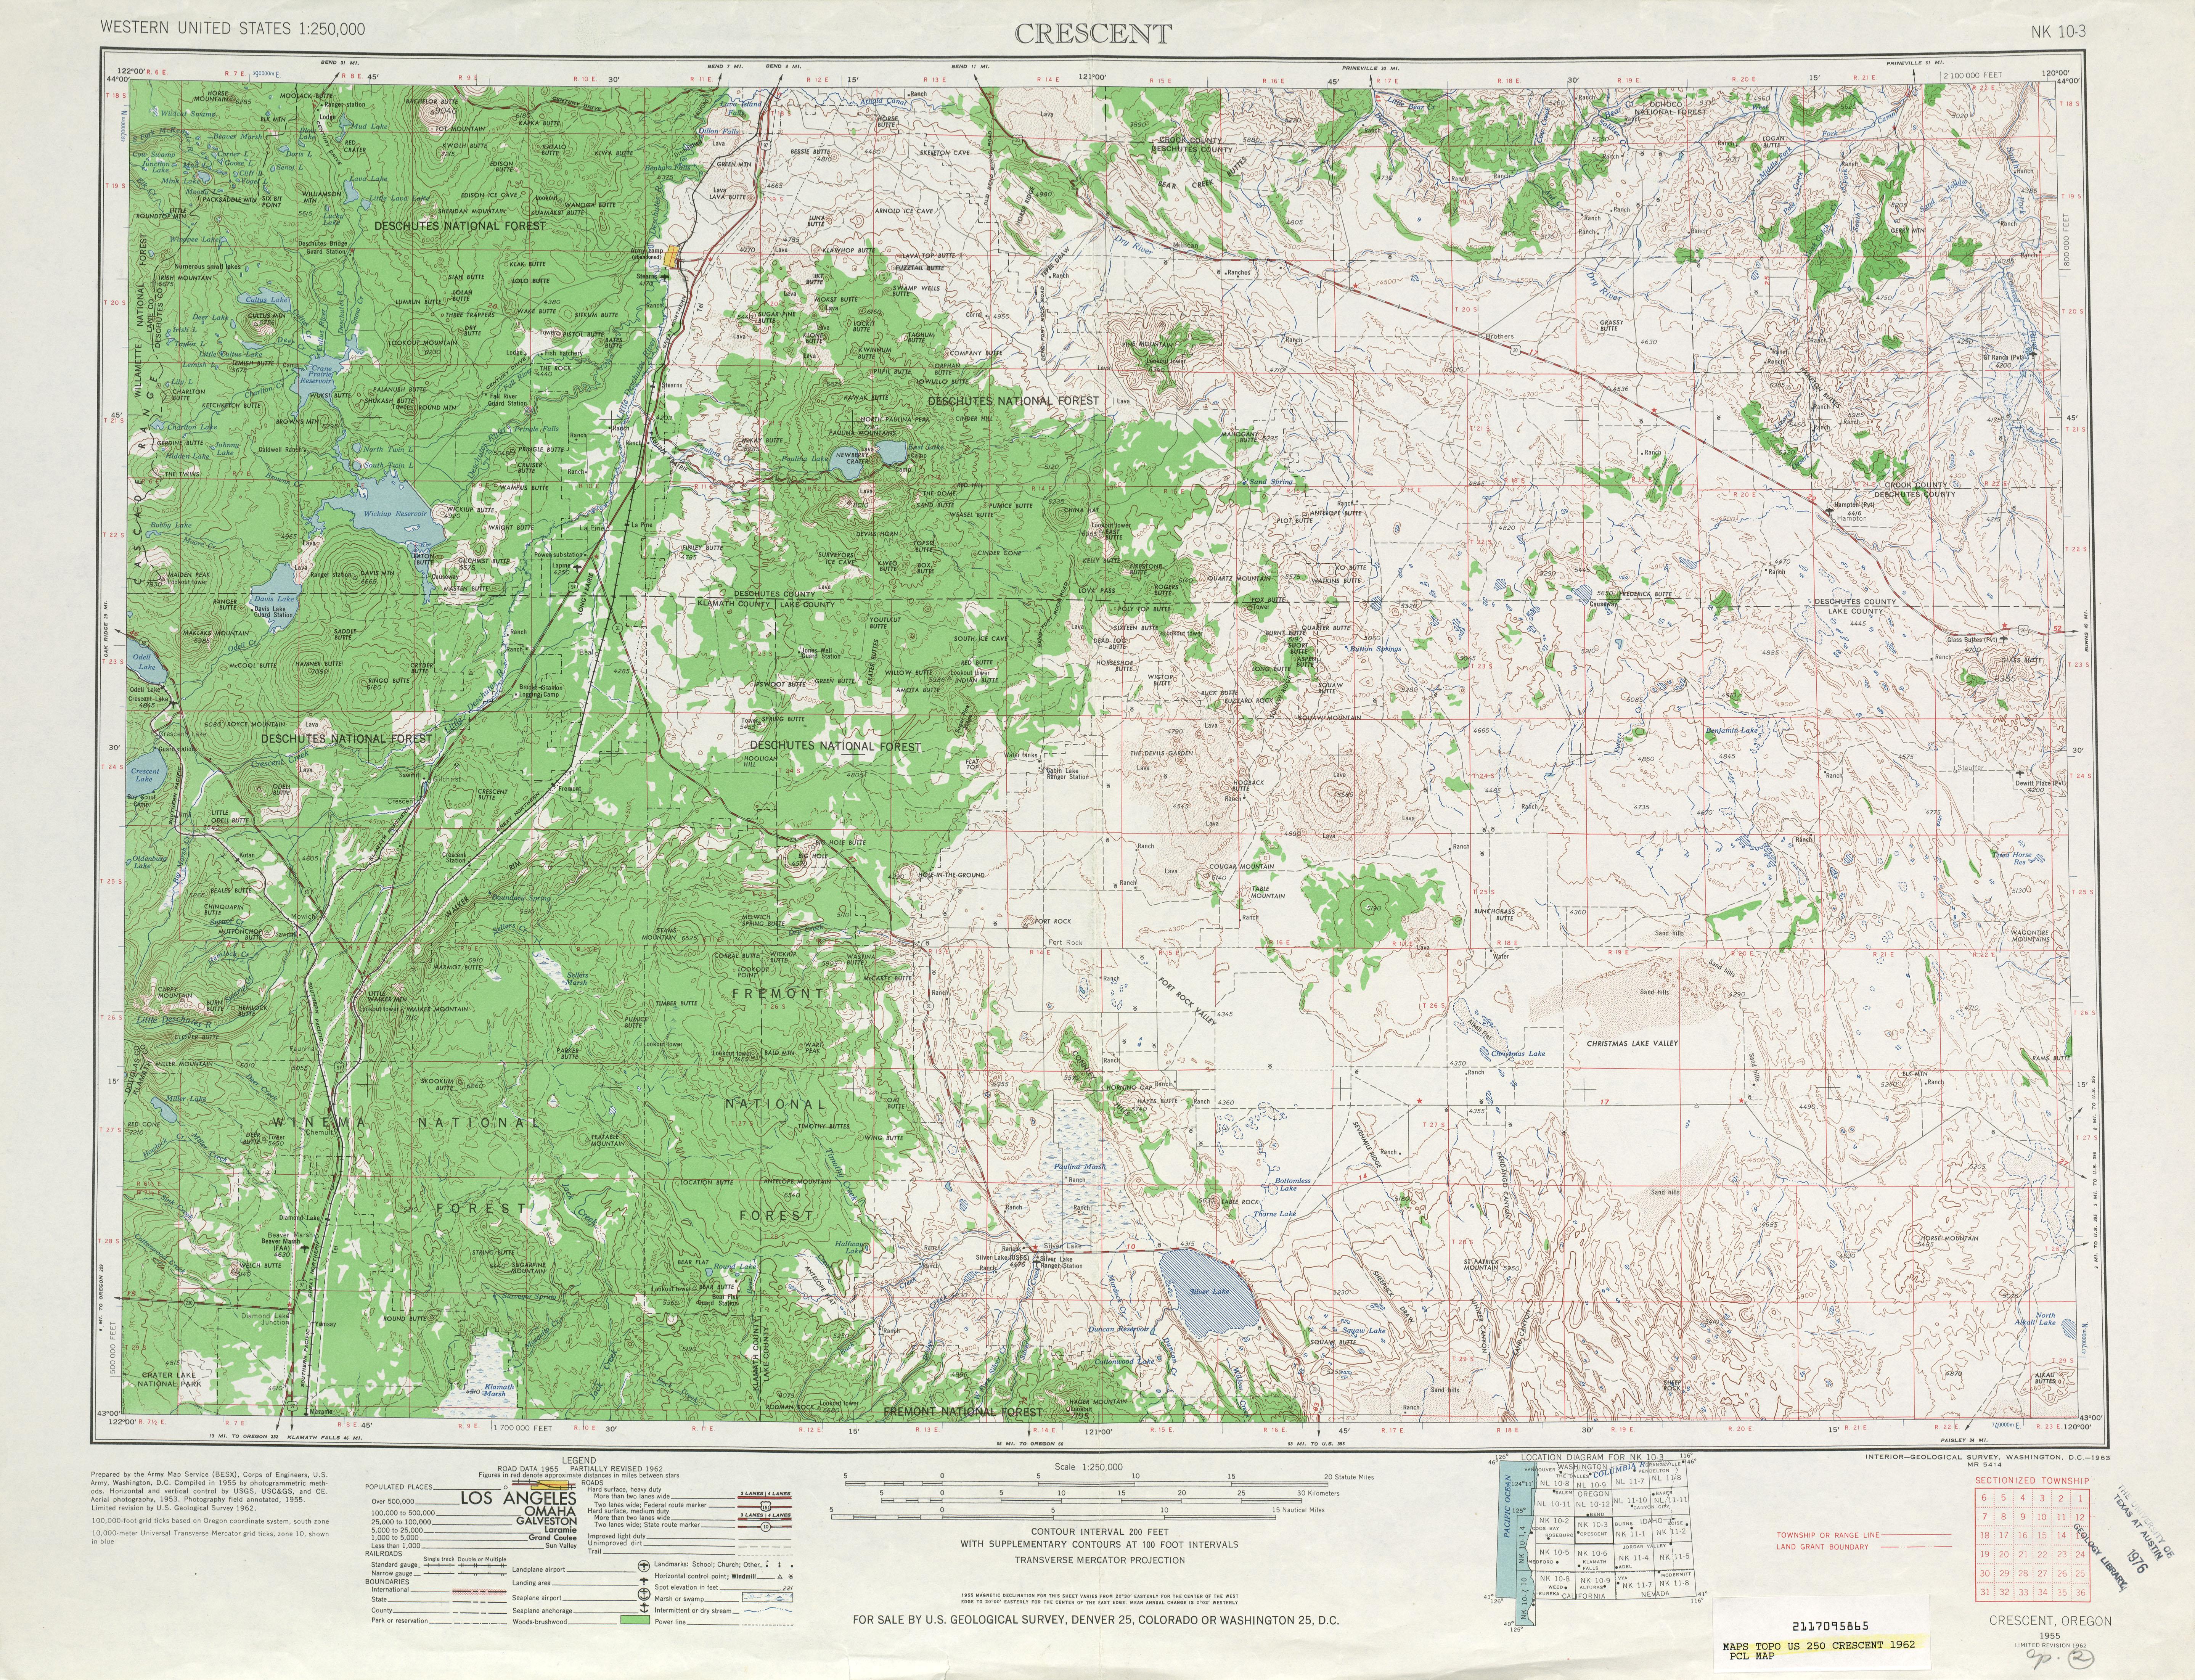 Hoja Crescent del Mapa Topográfico de los Estados Unidos 1962